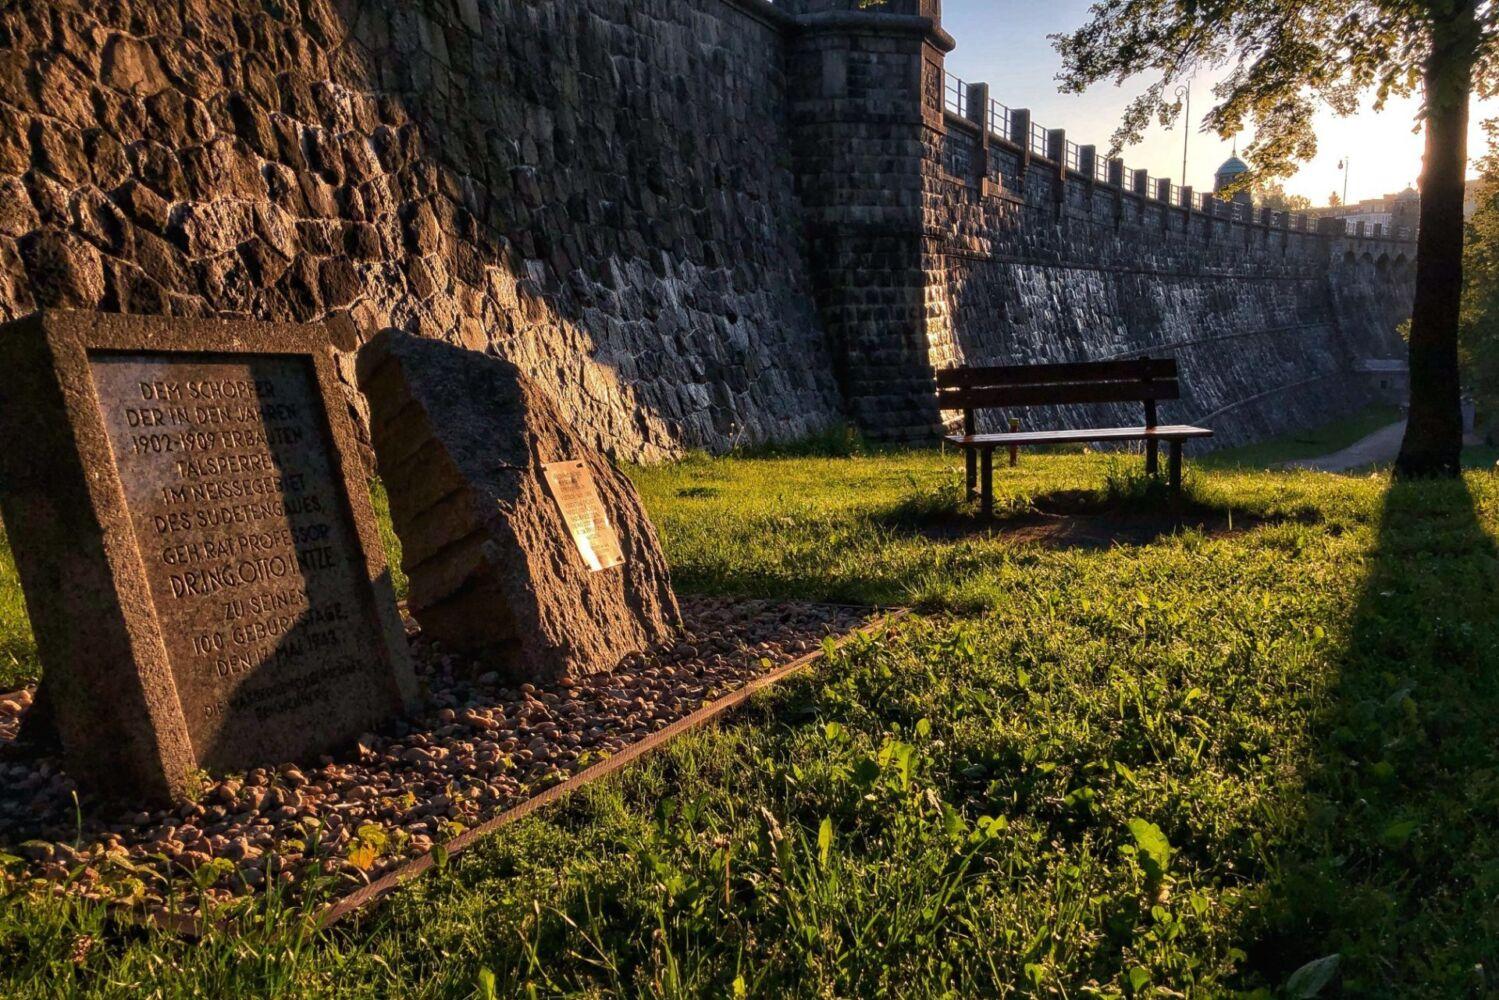 Pamětní kámen Otto Intze - stavitele jablonecké přehrady Mšeno - v parku pod hrází